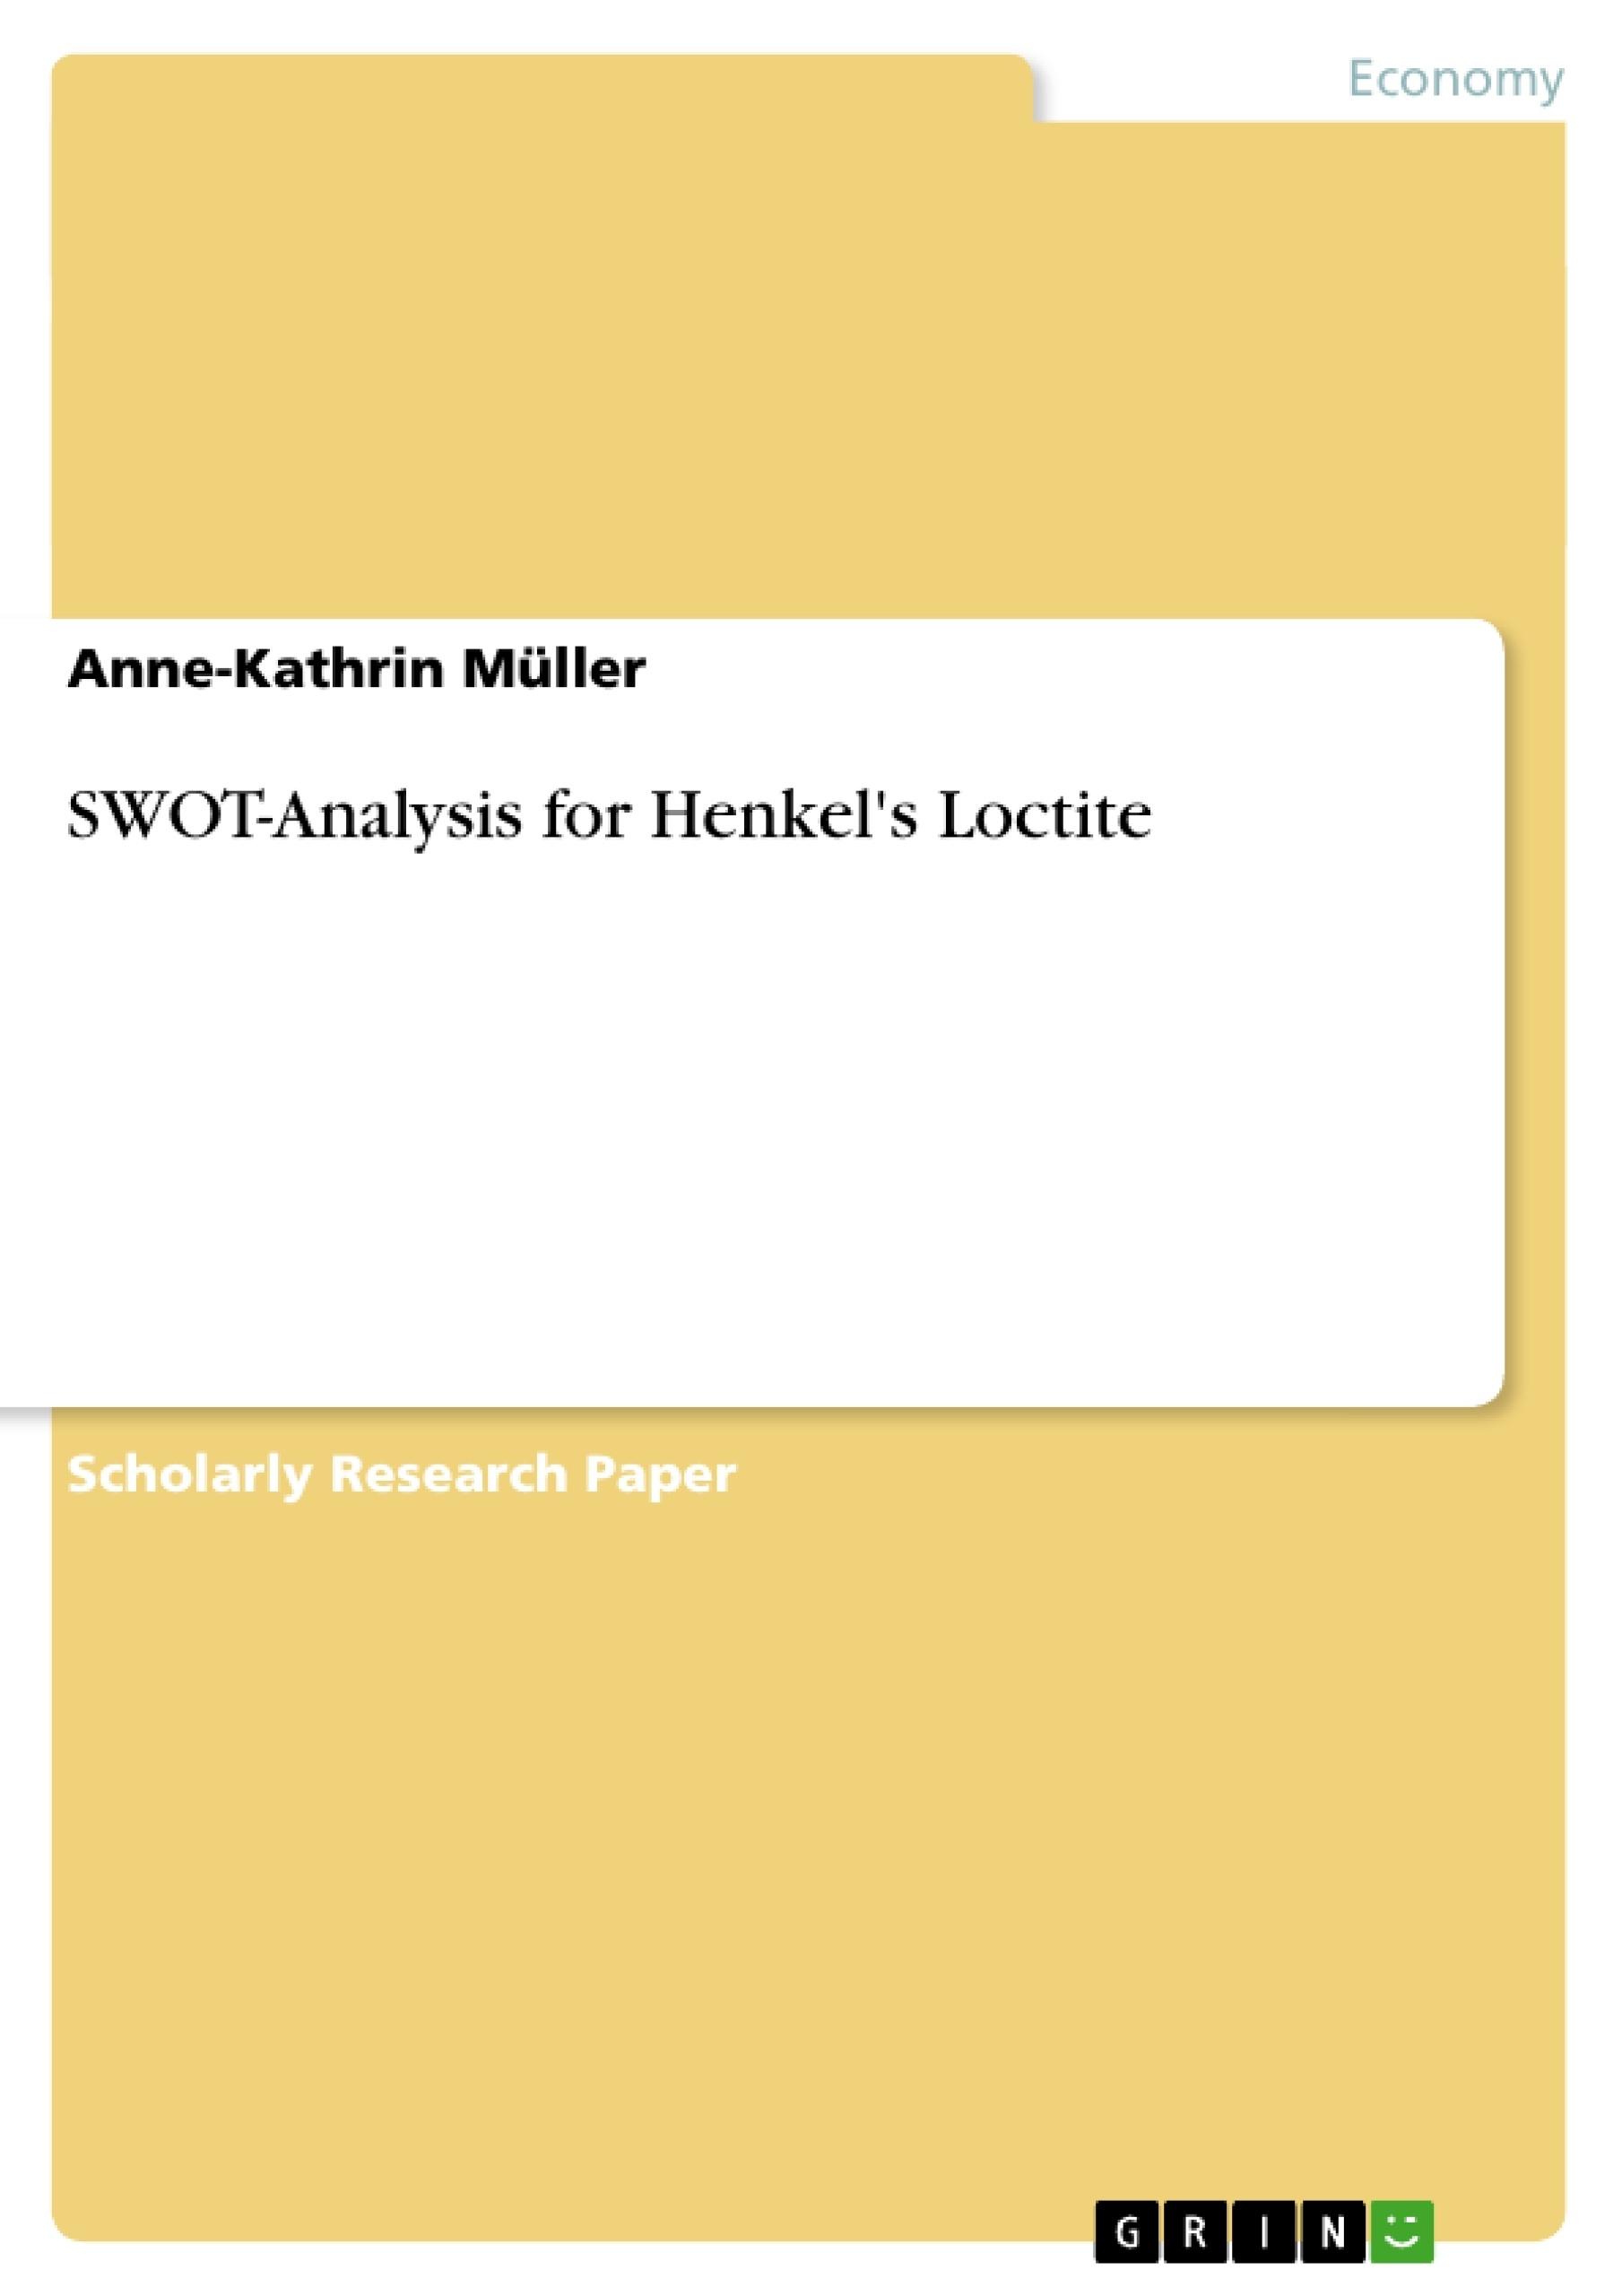 Henkel SWOT Analysis